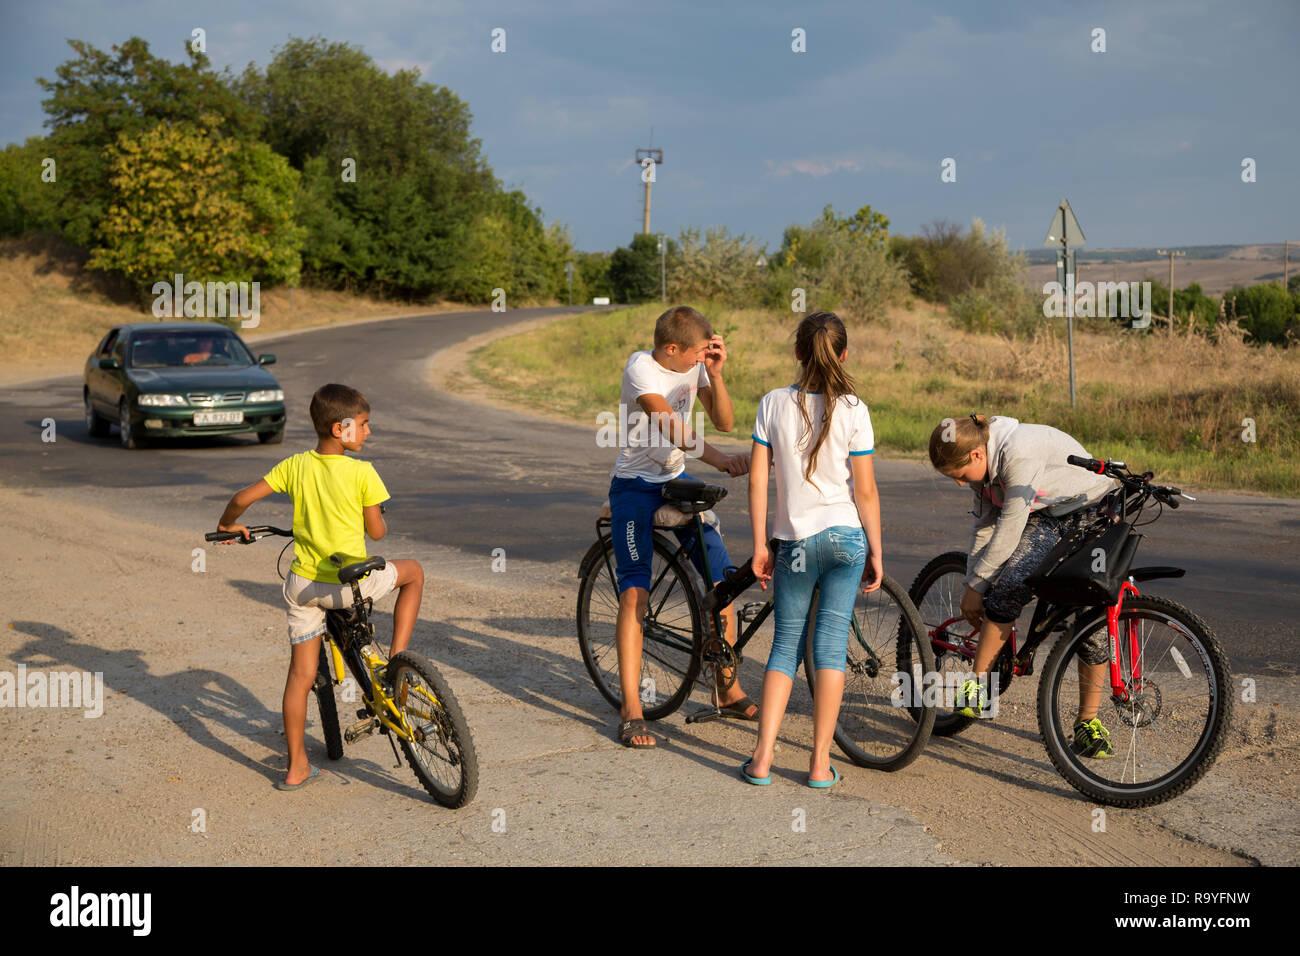 30.08.2016, Causeni, Rajon Causeni, Republik Moldau - Kinder mit Fahrraedern an einer Landtrasse schlagen die Zeit tot. 00A160830D441CARO.JPG [MODEL R Stock Photo